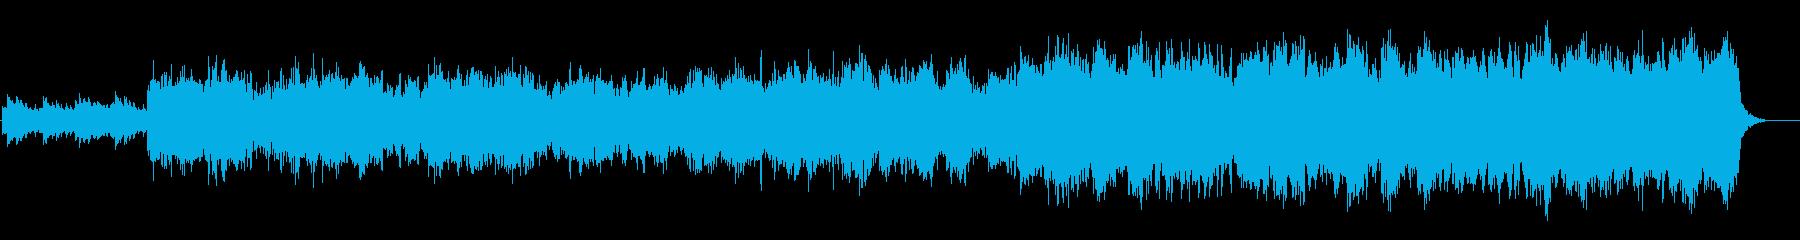 喜多郎風の夕焼けのセンチメンタルな曲の再生済みの波形